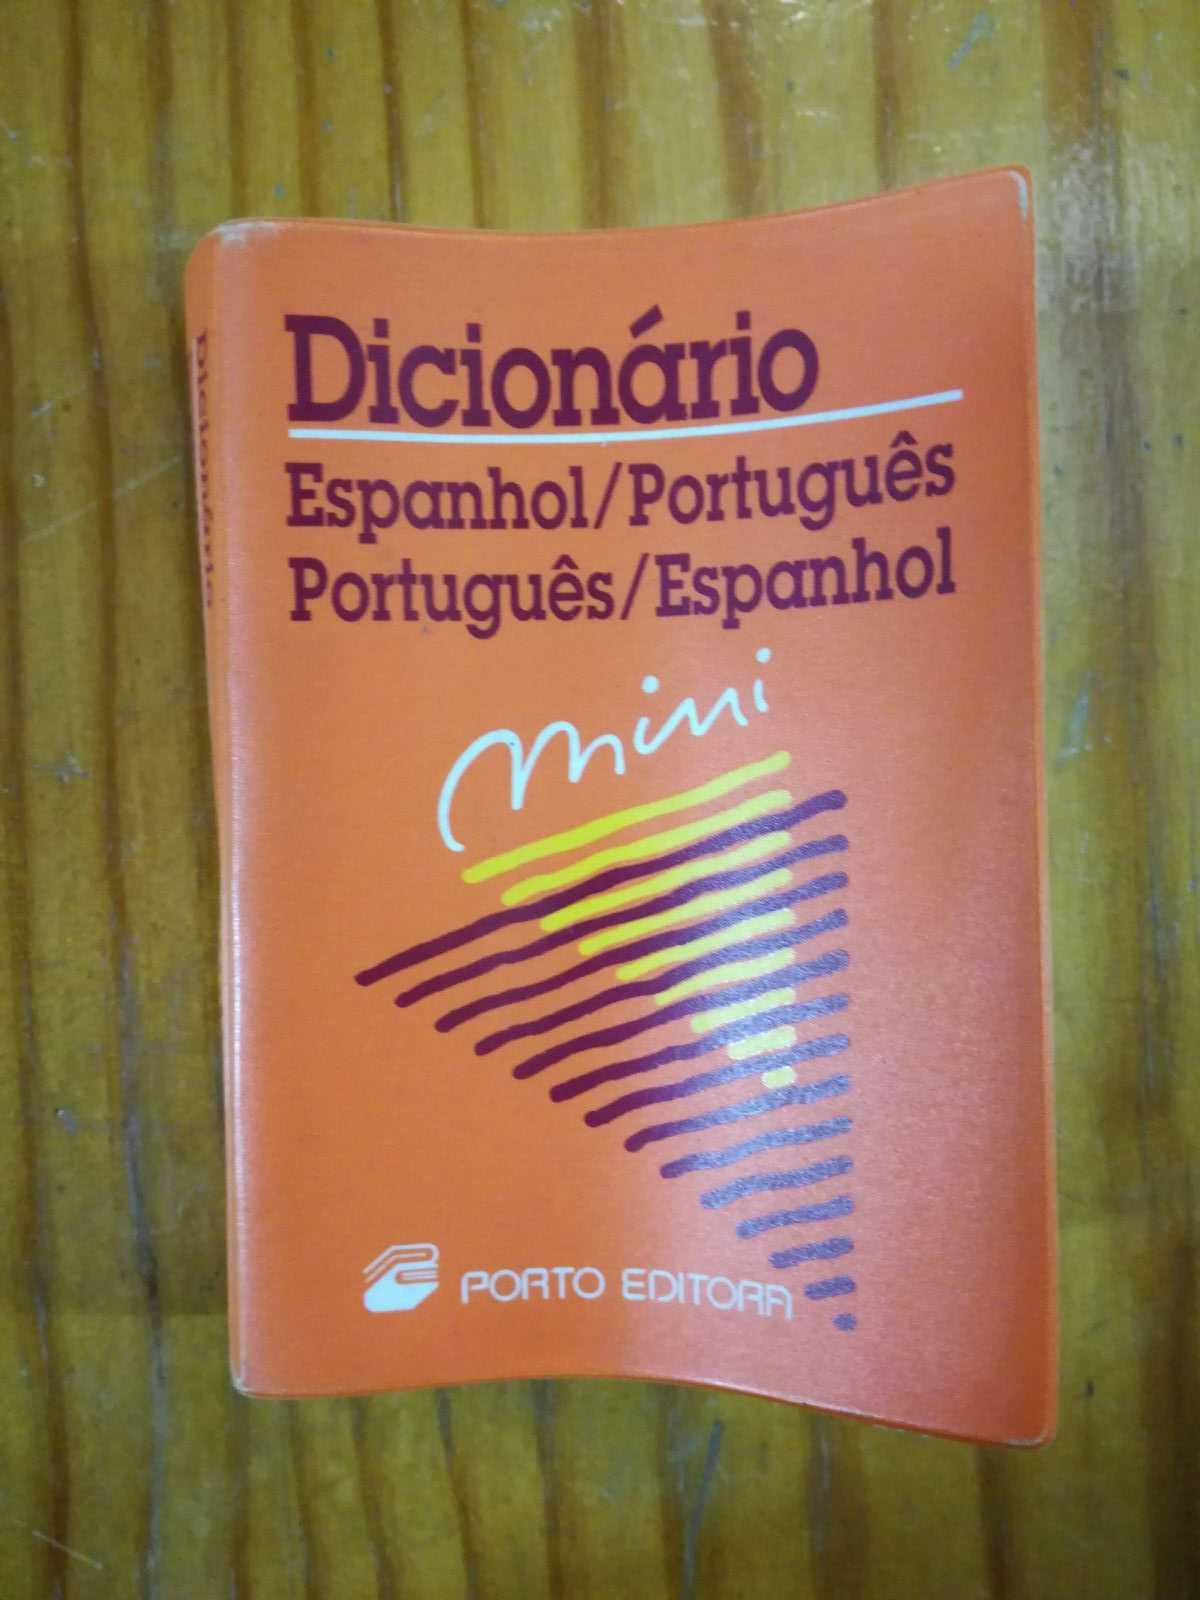 Dicionário Mini Espanhol/Português Português/Espanhol